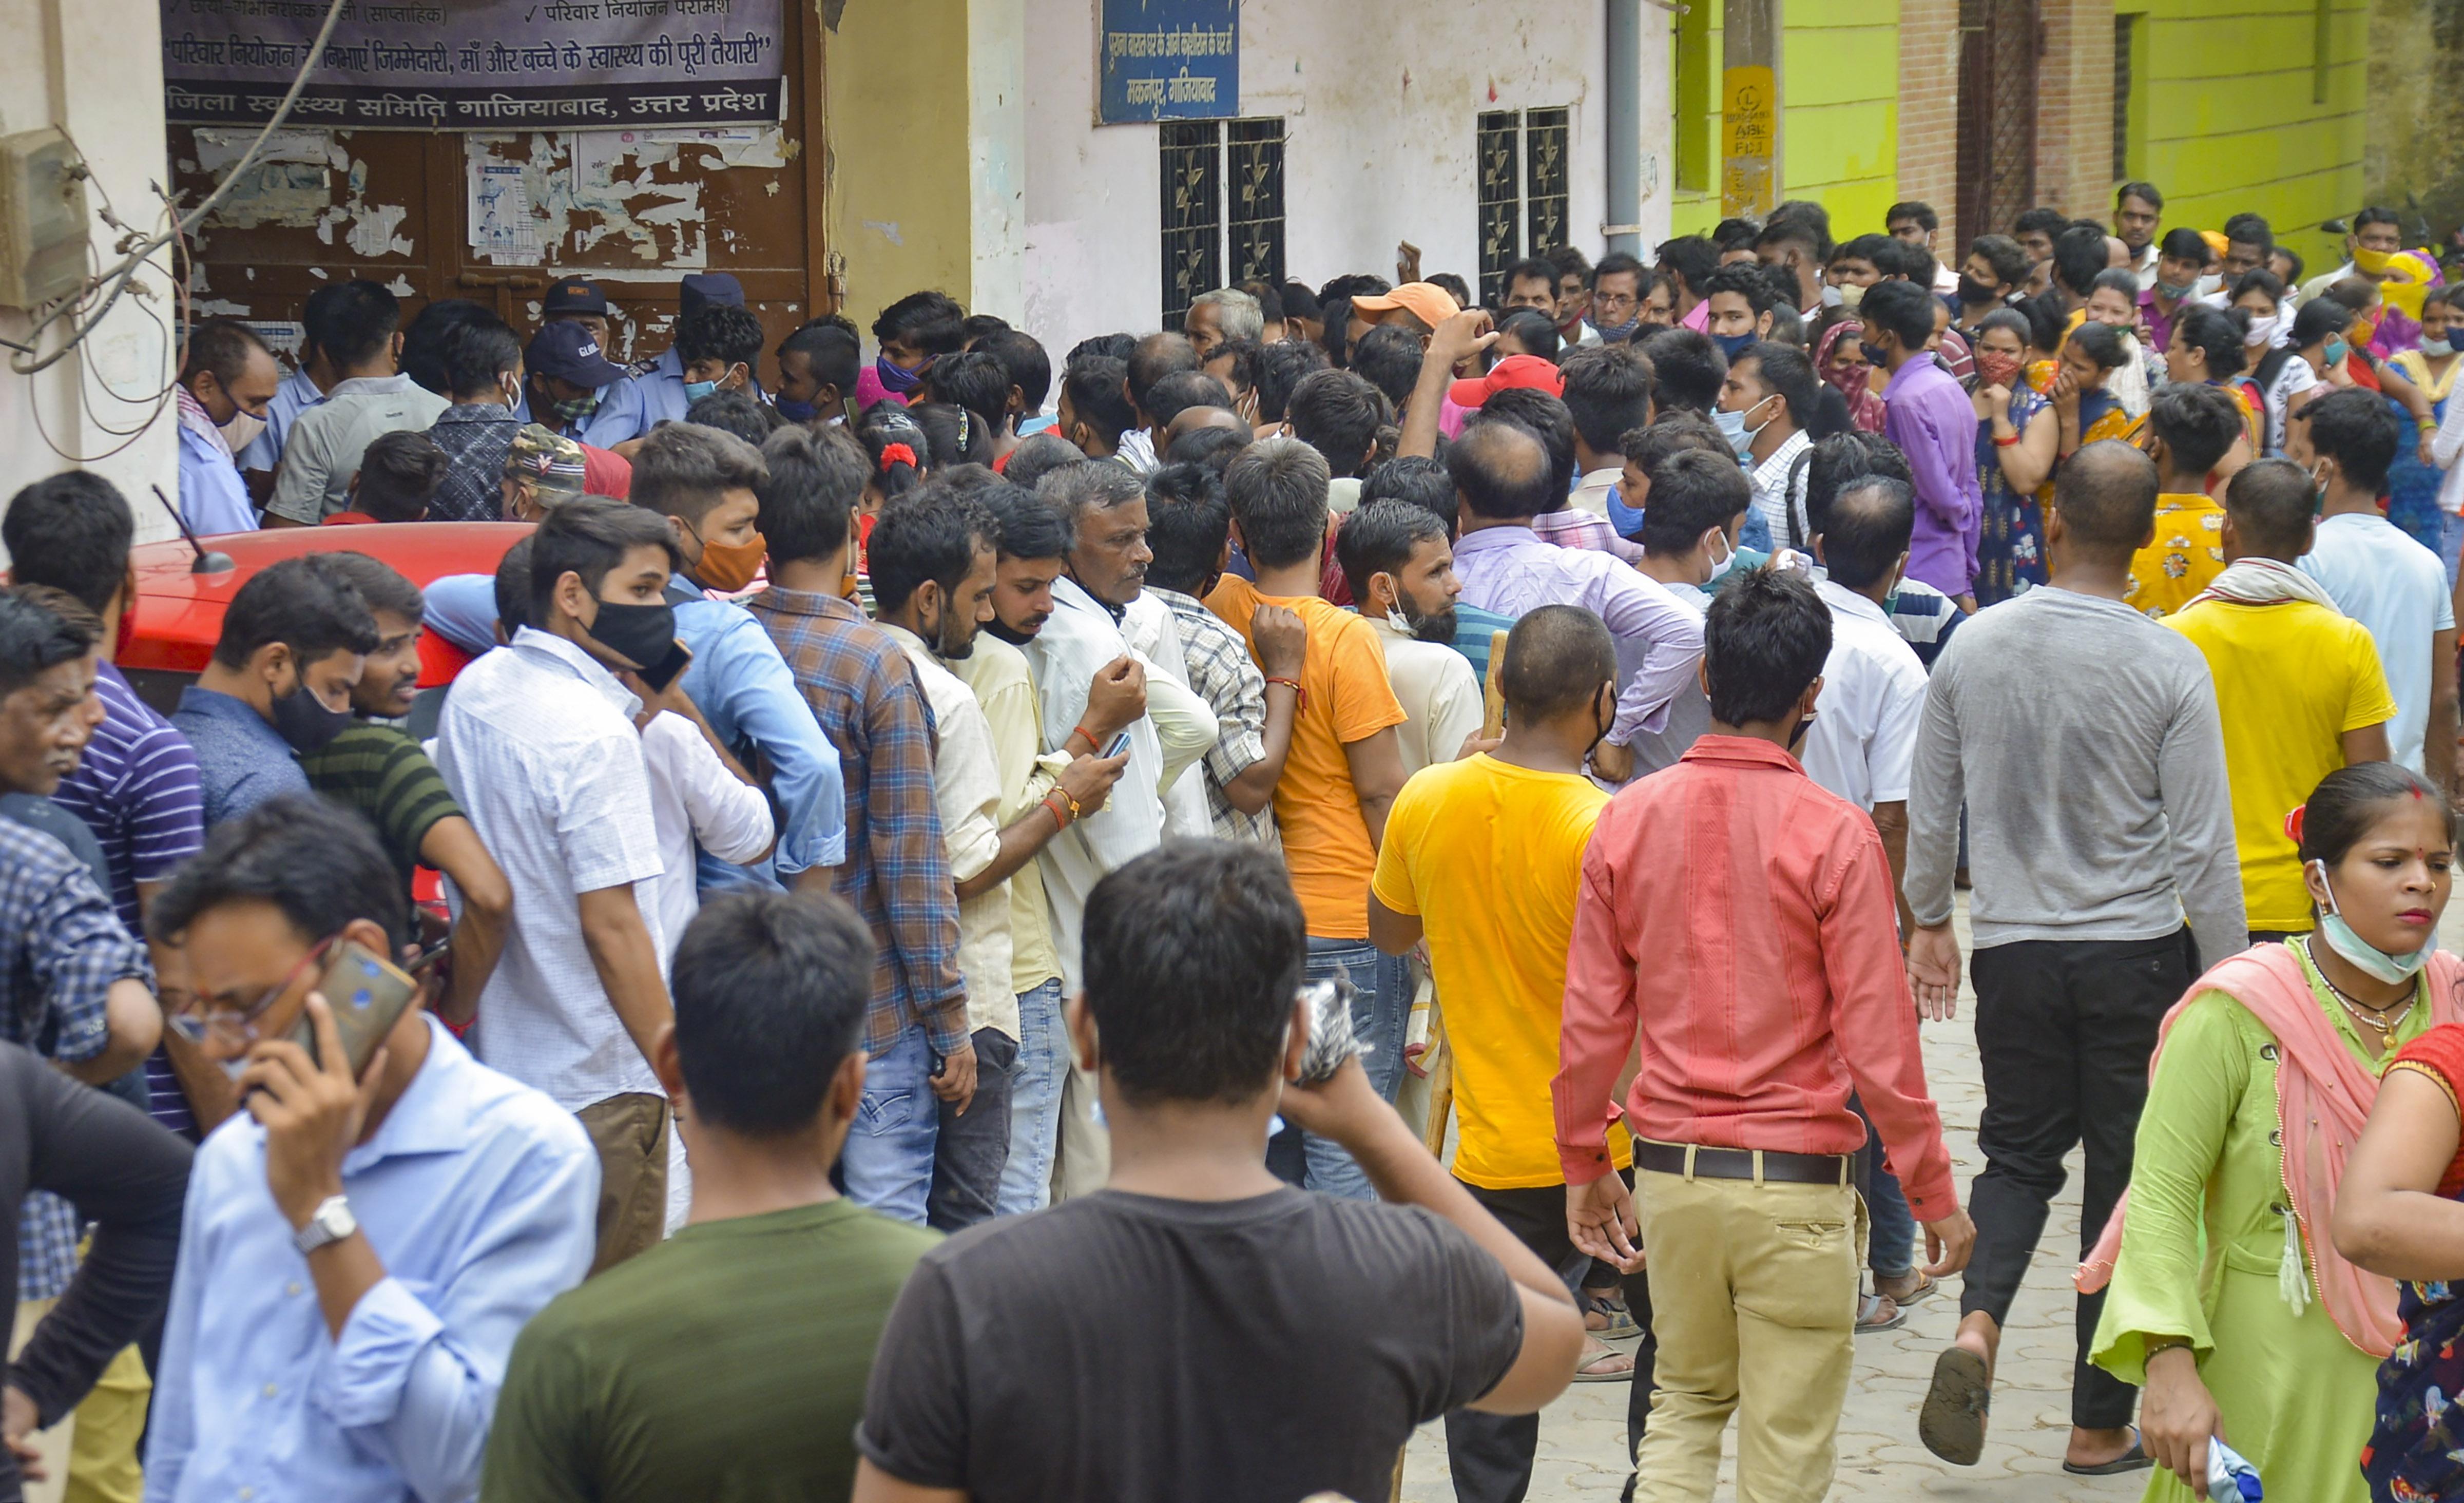 फोटो गाजियाबाद के इंदिरापुरम की है। यहां वैक्सीनेशन सेंटर पर भारी भीड़ हो रही है।